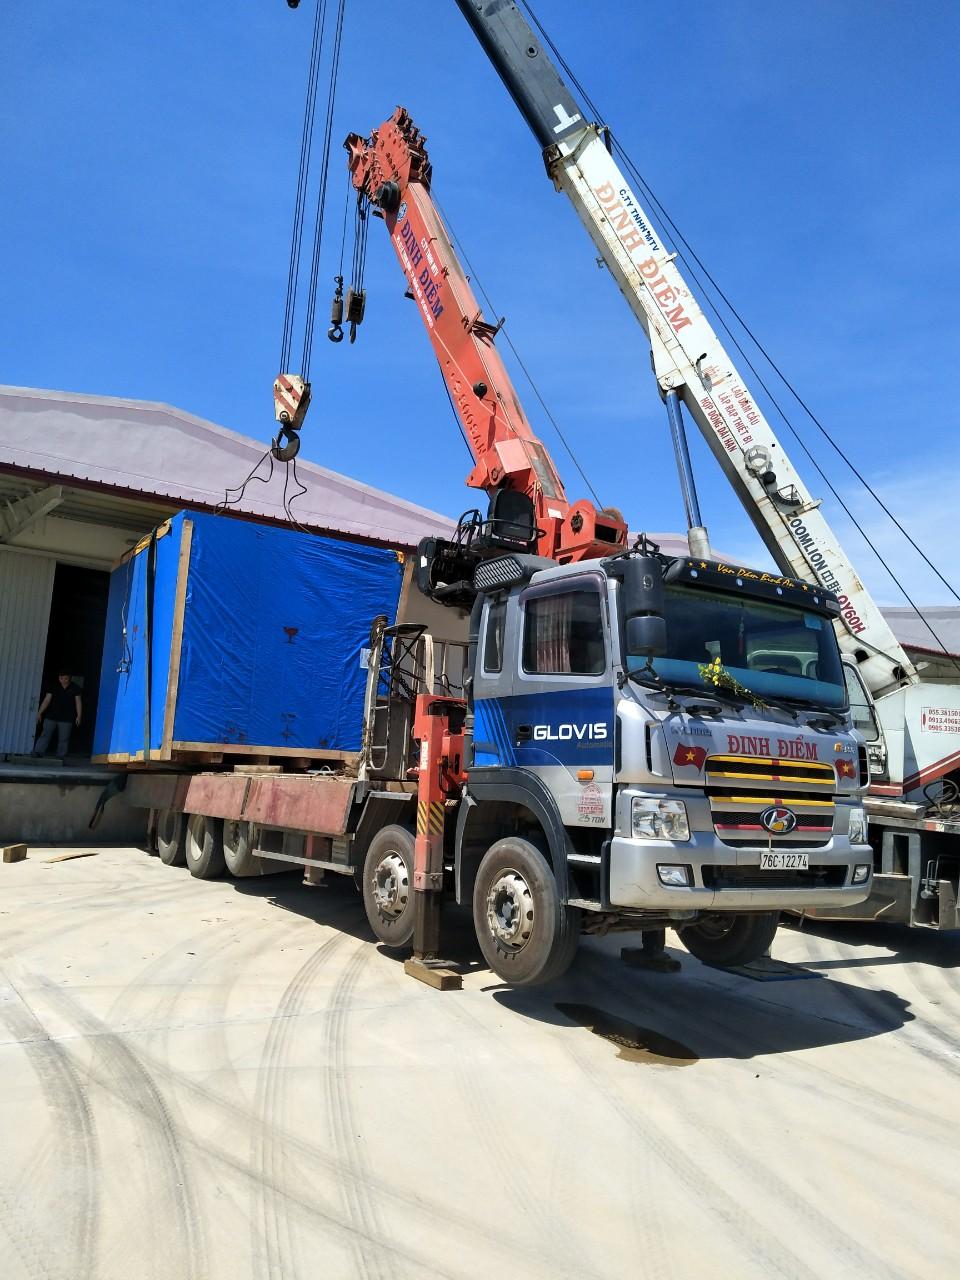 Dịch vụ xe cẩu bốc dỡ hàng hóa tại Quảng Ngãi